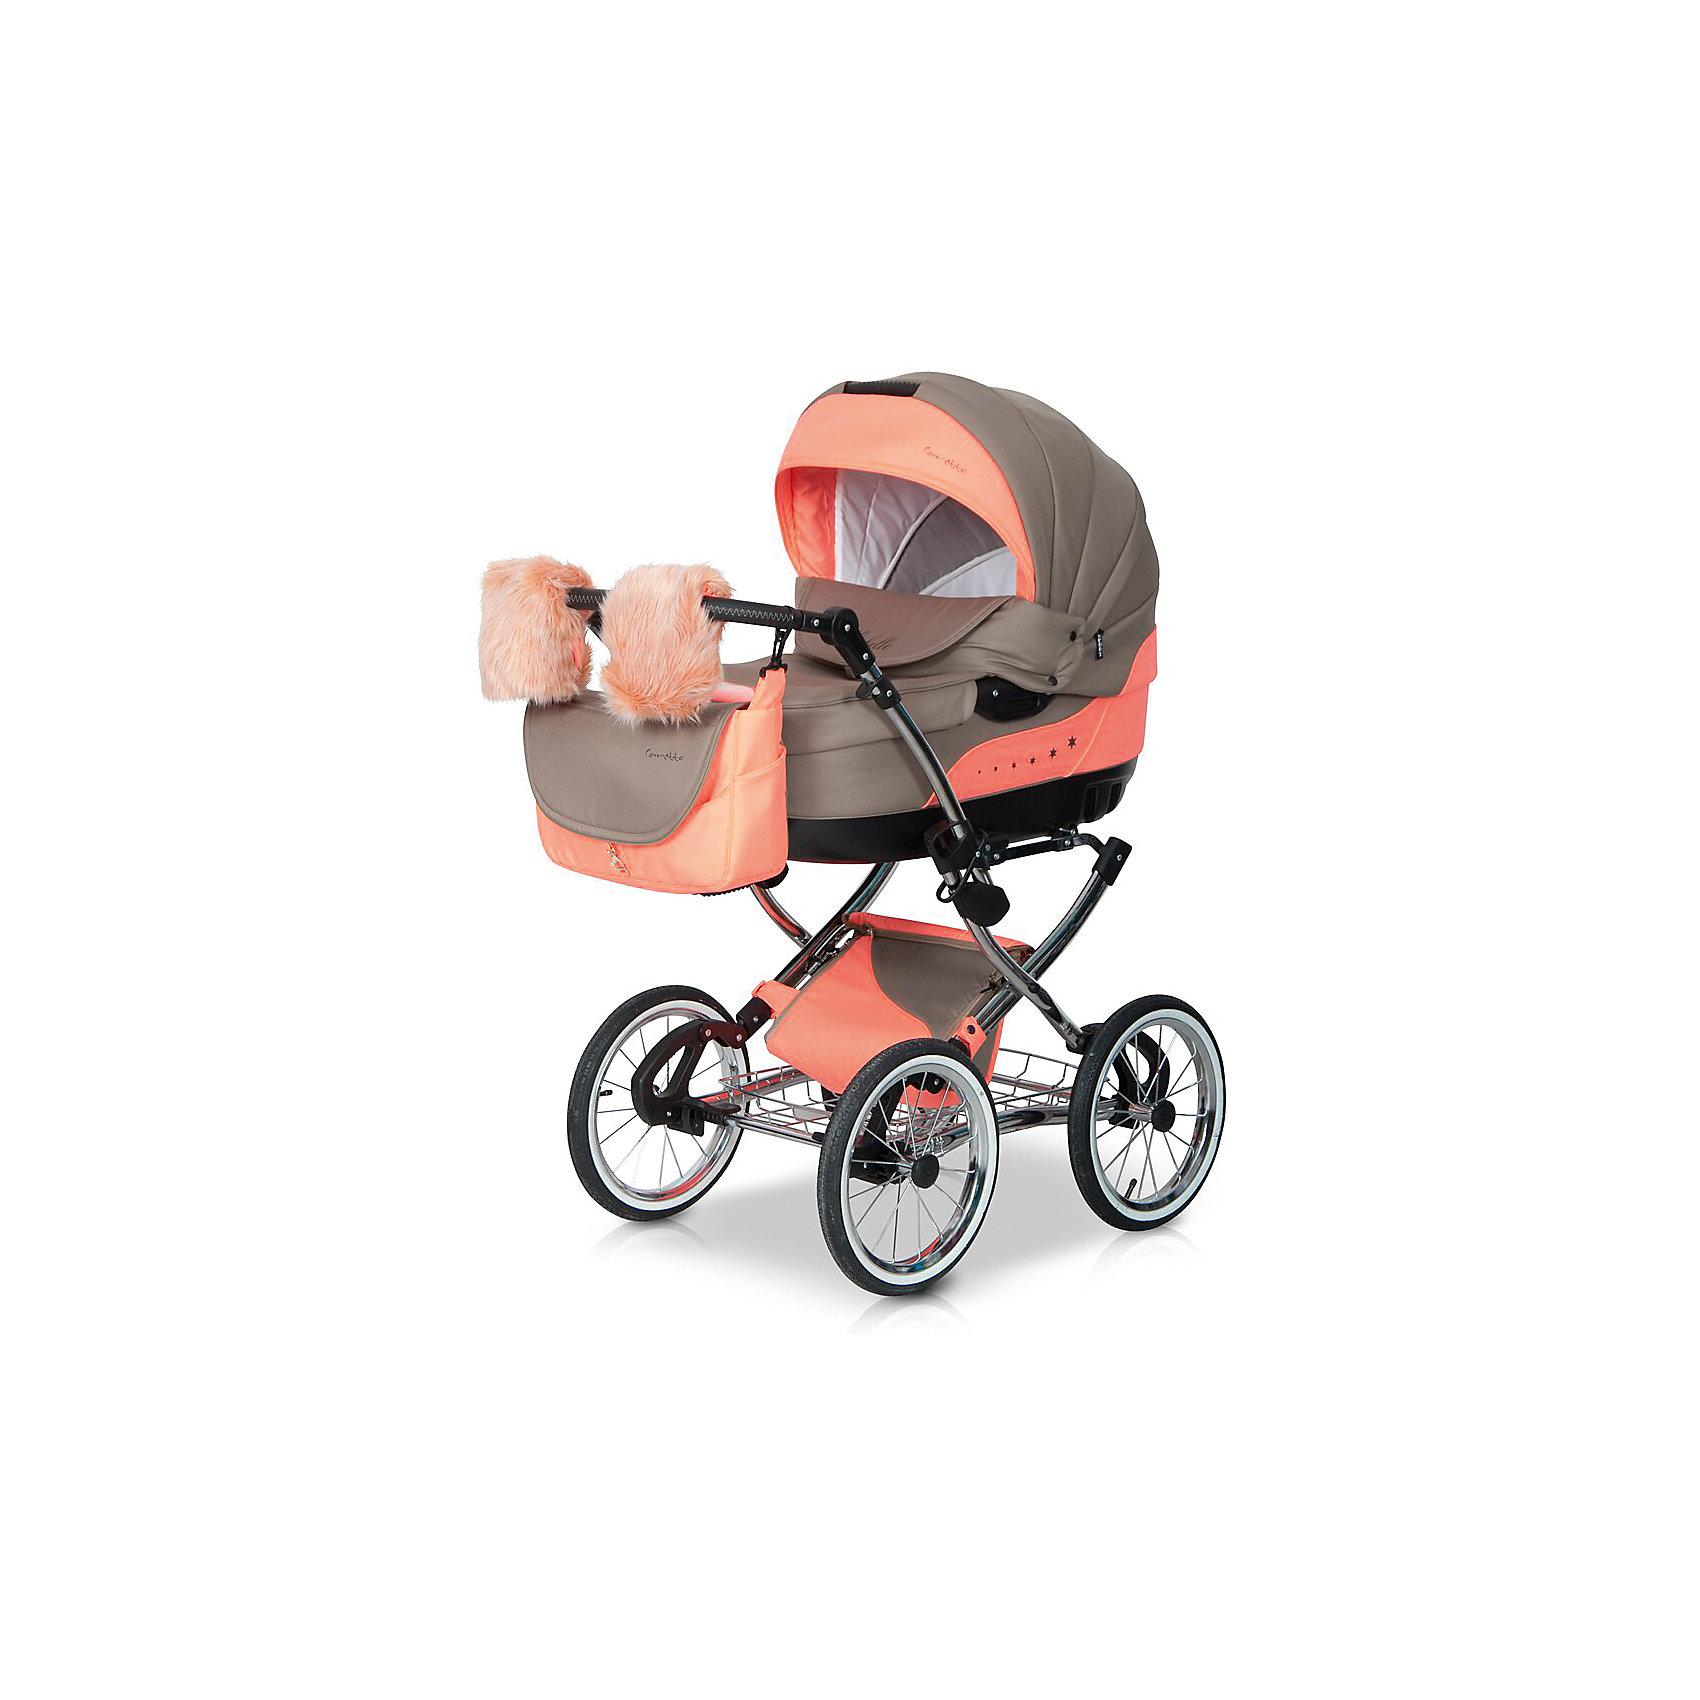 Коляска 2 в 1 Michelle, Caretto, бежевый/оранжевыйХарактеристики коляски:<br><br>• люлька с жестким основанием;<br>• встроенная в капюшоне сеточка для потока свежего воздуха в жаркое время года;<br>• внутренняя система вентиляции;<br>• подголовник в люльке, угол наклона регулируется;<br>• люлька оснащена ручкой для переноски;<br>• спинка регулируется в 3-х положениях вплоть до горизонтального;<br>• подножка регулируется в 2-х положениях;<br>• 5-ти точечные ремни безопасности;<br>• капюшон оснащен солнцезащитным козырьком и дополнительной секцией из клеенки, сзади имеется клапан, под которым находится встроенная москитная сетка;<br>• на капюшоне есть жесткая ручка, чтобы прогулочный блок удобно было переносить.<br><br>Характеристики рамы коляски:<br><br>• высота ручки коляски регулируется по высоте, 6 положений высоты;<br>• наличие пружинных амортизаторов;<br>• тип тормоза: ножной;<br>• особенности колес: надувные;<br>• материал: алюминий, пластик, полиэстер;<br>• материал колес: ПВХ;<br>• тип складывания: книжка.<br><br>Размеры:<br><br>• размер коляски: 110х61 см;<br>• внутренний размер люльки: 84х39х22 см;<br>• вес коляски: 12 кг;<br>• диаметр колес: 31 см;<br>• вес в упаковке: 22 кг.<br><br>Коляска 2 в 1 Caretto Michelle используется как коляска-люлька и как прогулочная коляска. Коляска выдерживает нагрузку до 9 кг - люлька и до 15 кг - прогулочный блок. Глубокий капюшон с козырьком и высокий отворот накидки обеспечивают максимальную защиту от ветра. Рама складывается книжкой, не занимает много места. Ручка коляски регулируется по высоте. Коляска укомплектована дополнительными аксессуарами для комфортной и приятной прогулки с малышом. <br><br>Дополнительная комплектация:<br><br>• люлька с жестким основанием;<br>• матрасик в люльку;<br>• мягкий бортик на синтепоне в люльку;<br>• клеенка;<br>• прогулочный блок с бампером;<br>• шасси с колесами;<br>• накидка на ножки, крепится с помощью кнопок;<br>• дождевик;<br>• муфта для рук - искусственный мех;<br>• москитная сет